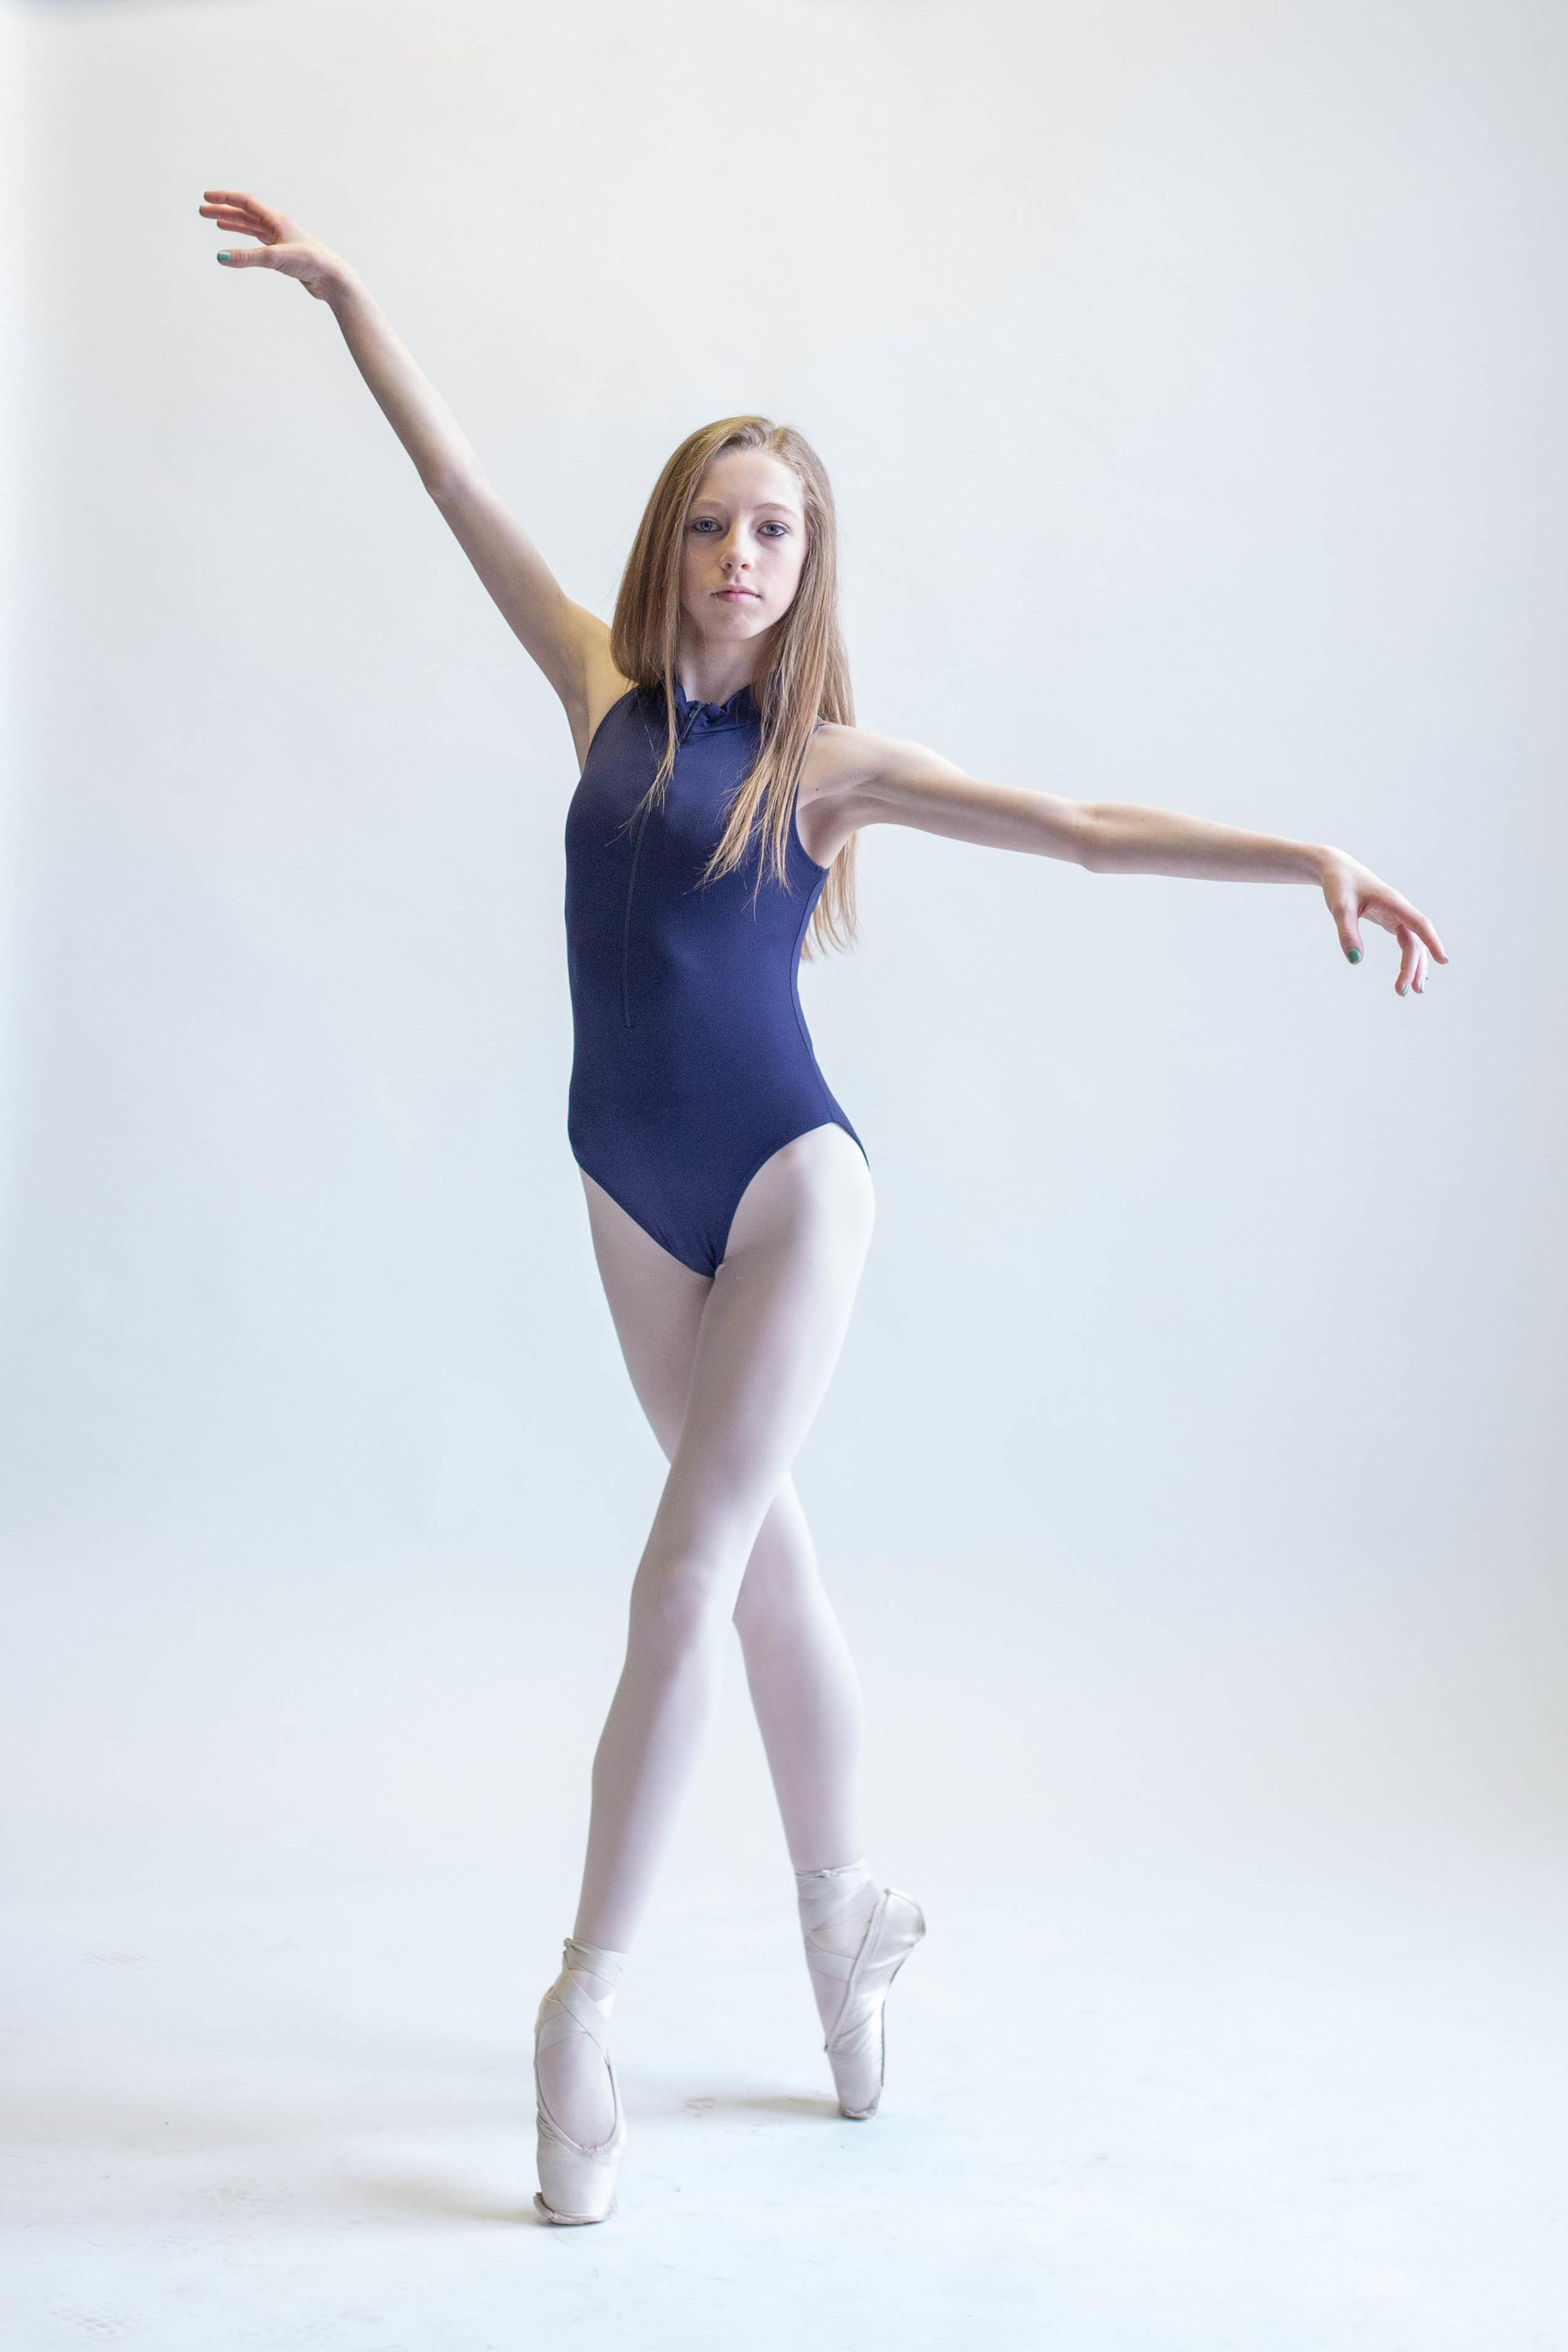 dayton-cincinnati-dance-studio-portrait-photographer-08.jpg